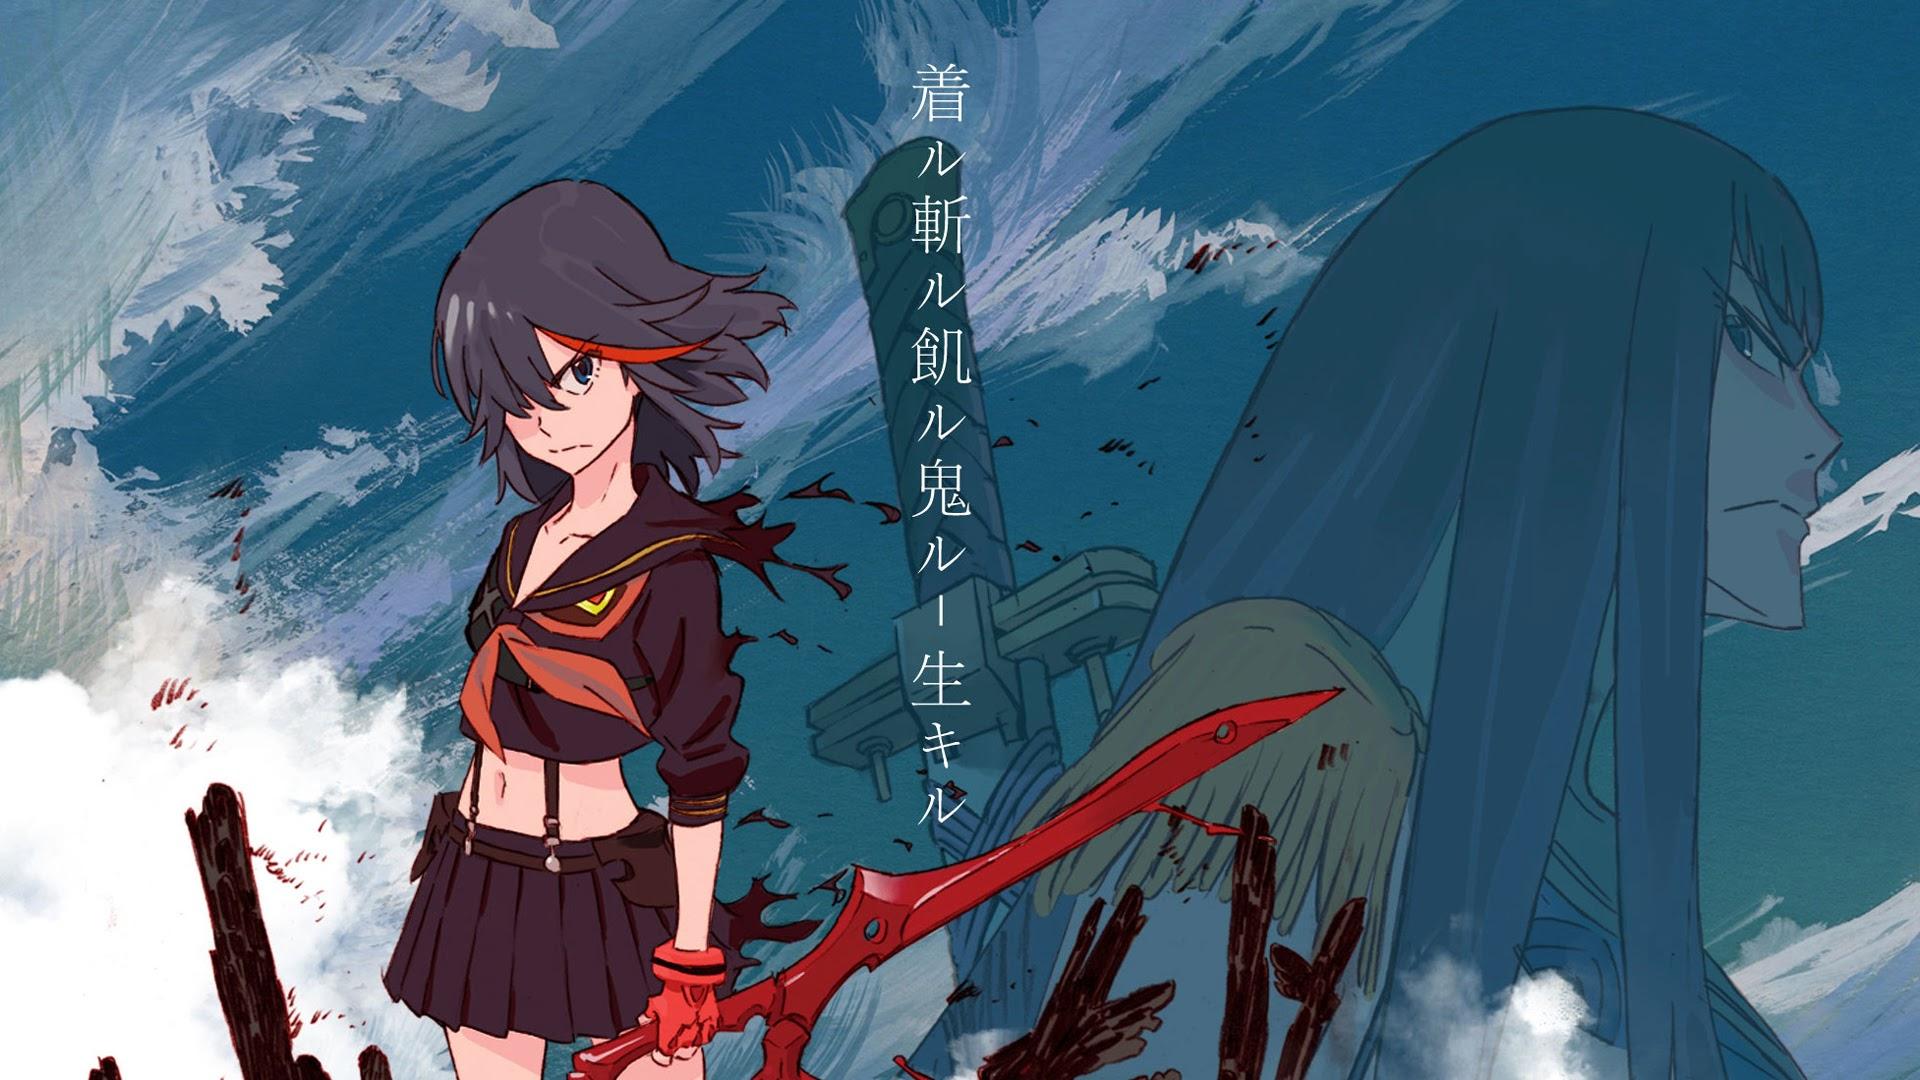 Kill la Kill anime girl wallpaper 1920x1080 a165 1920x1080